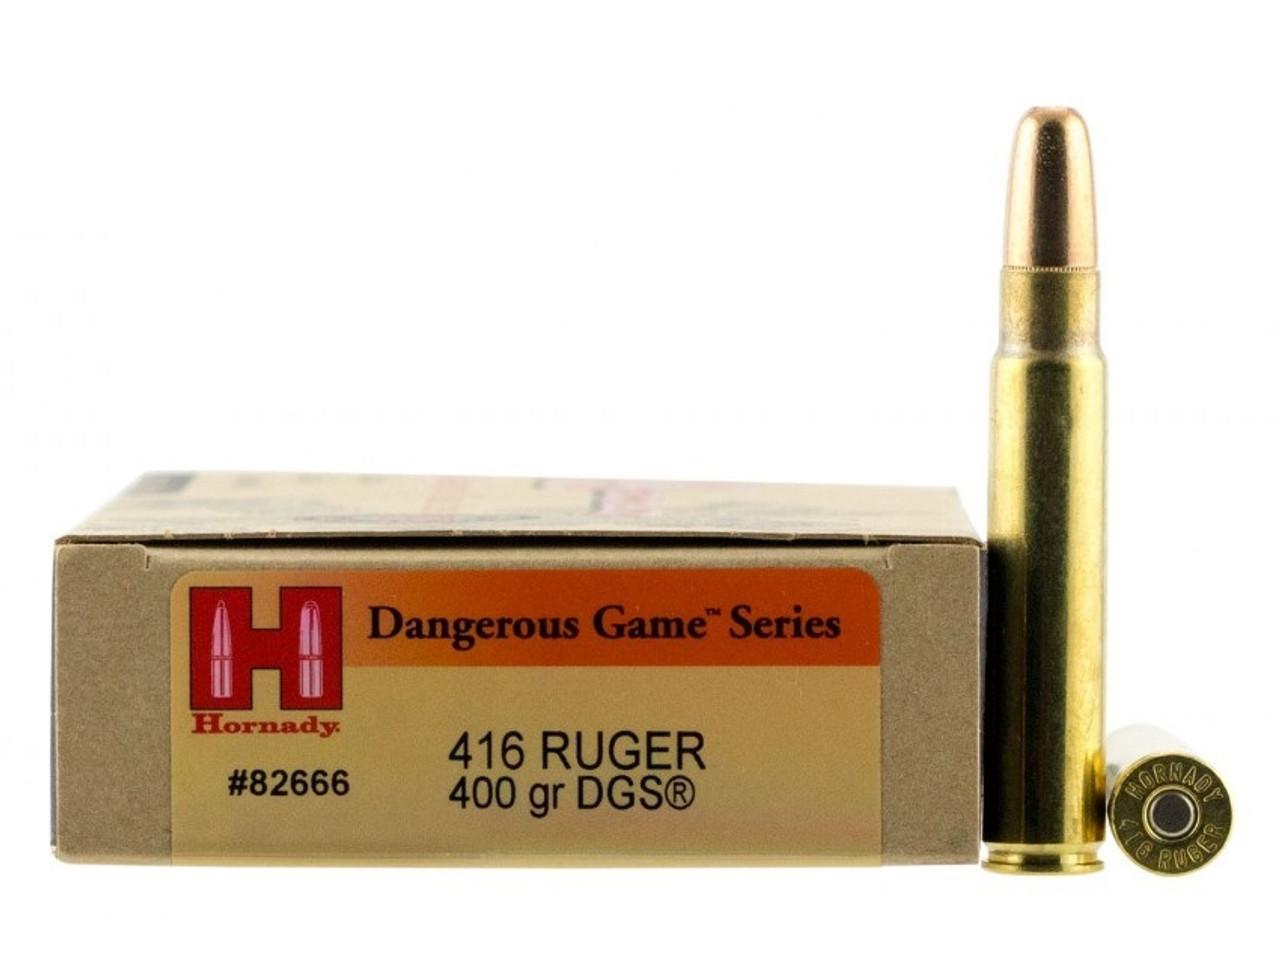 416 Ruger